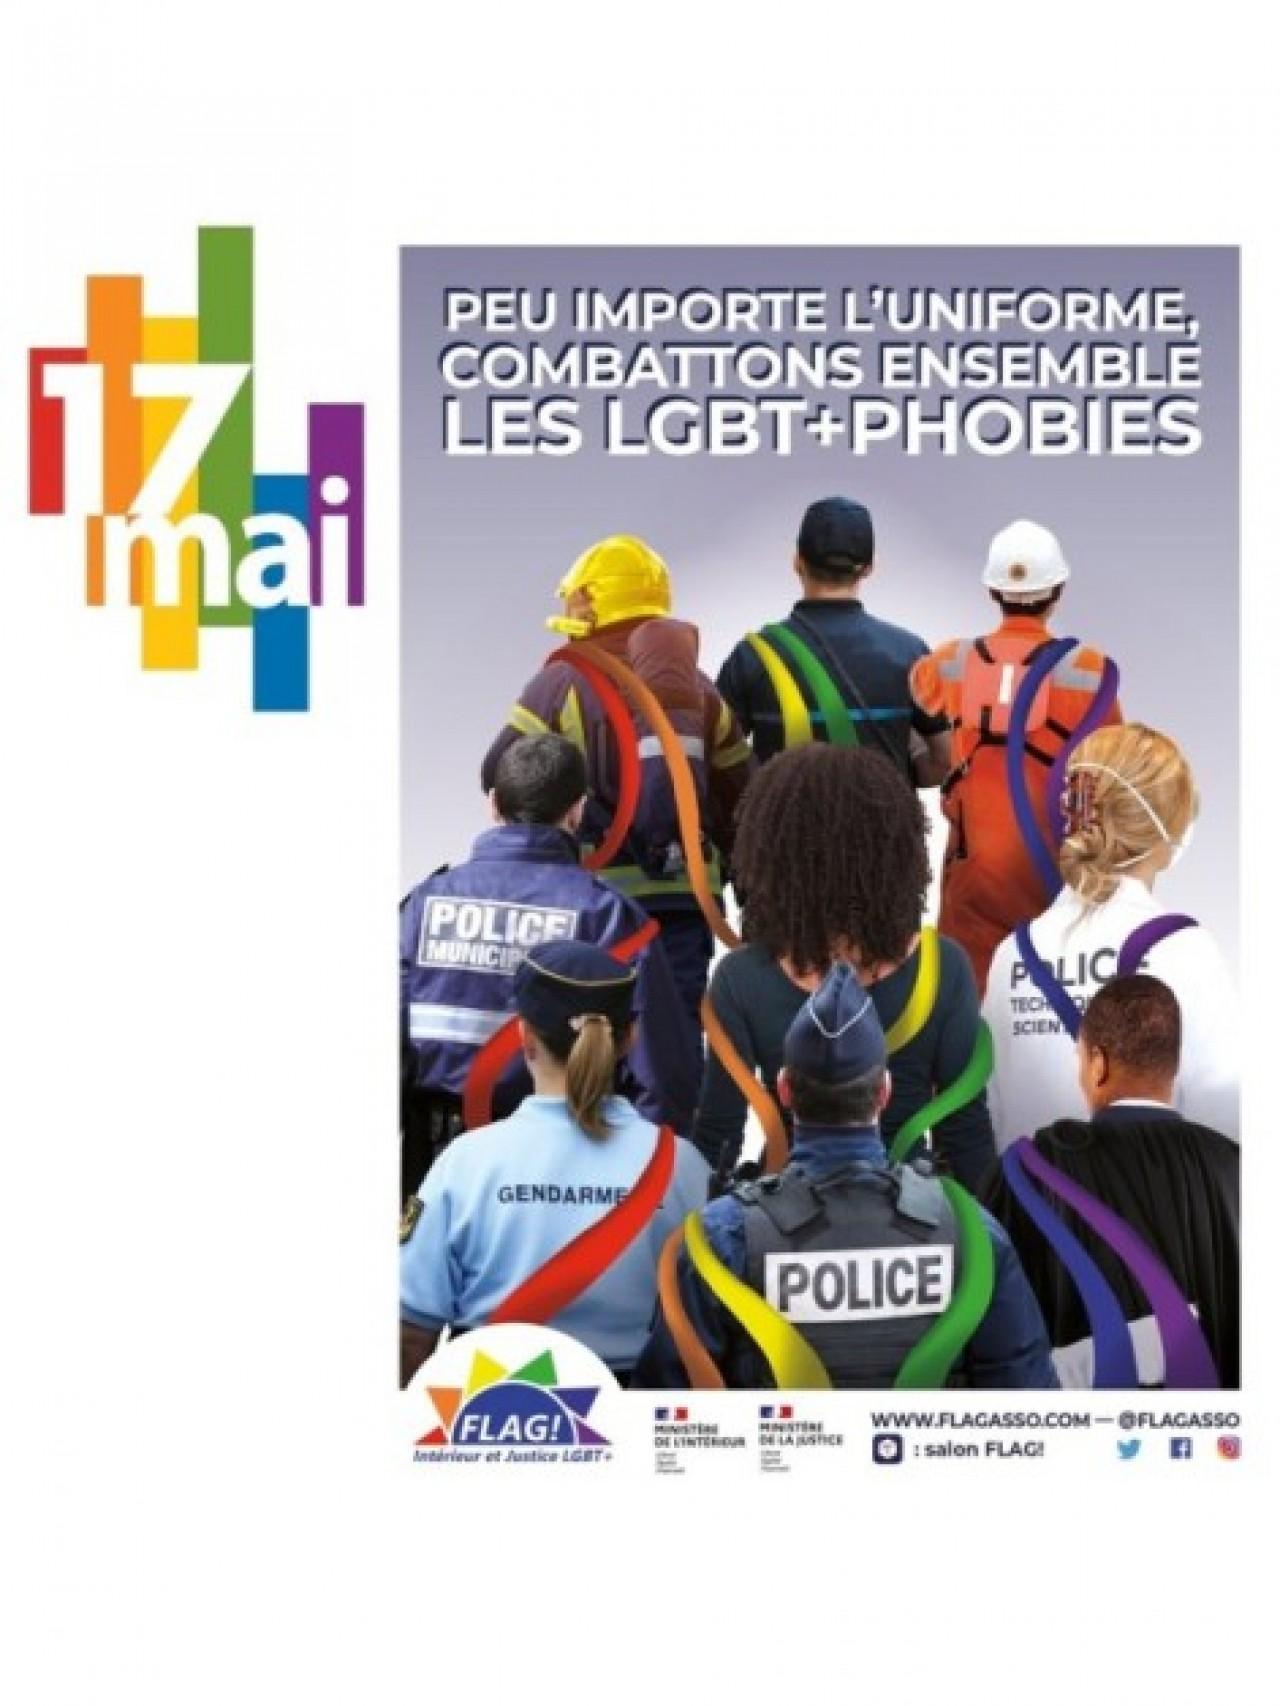 17 mai 2021 - Journée mondiale de lutte contre l'homophobie et la transphobie